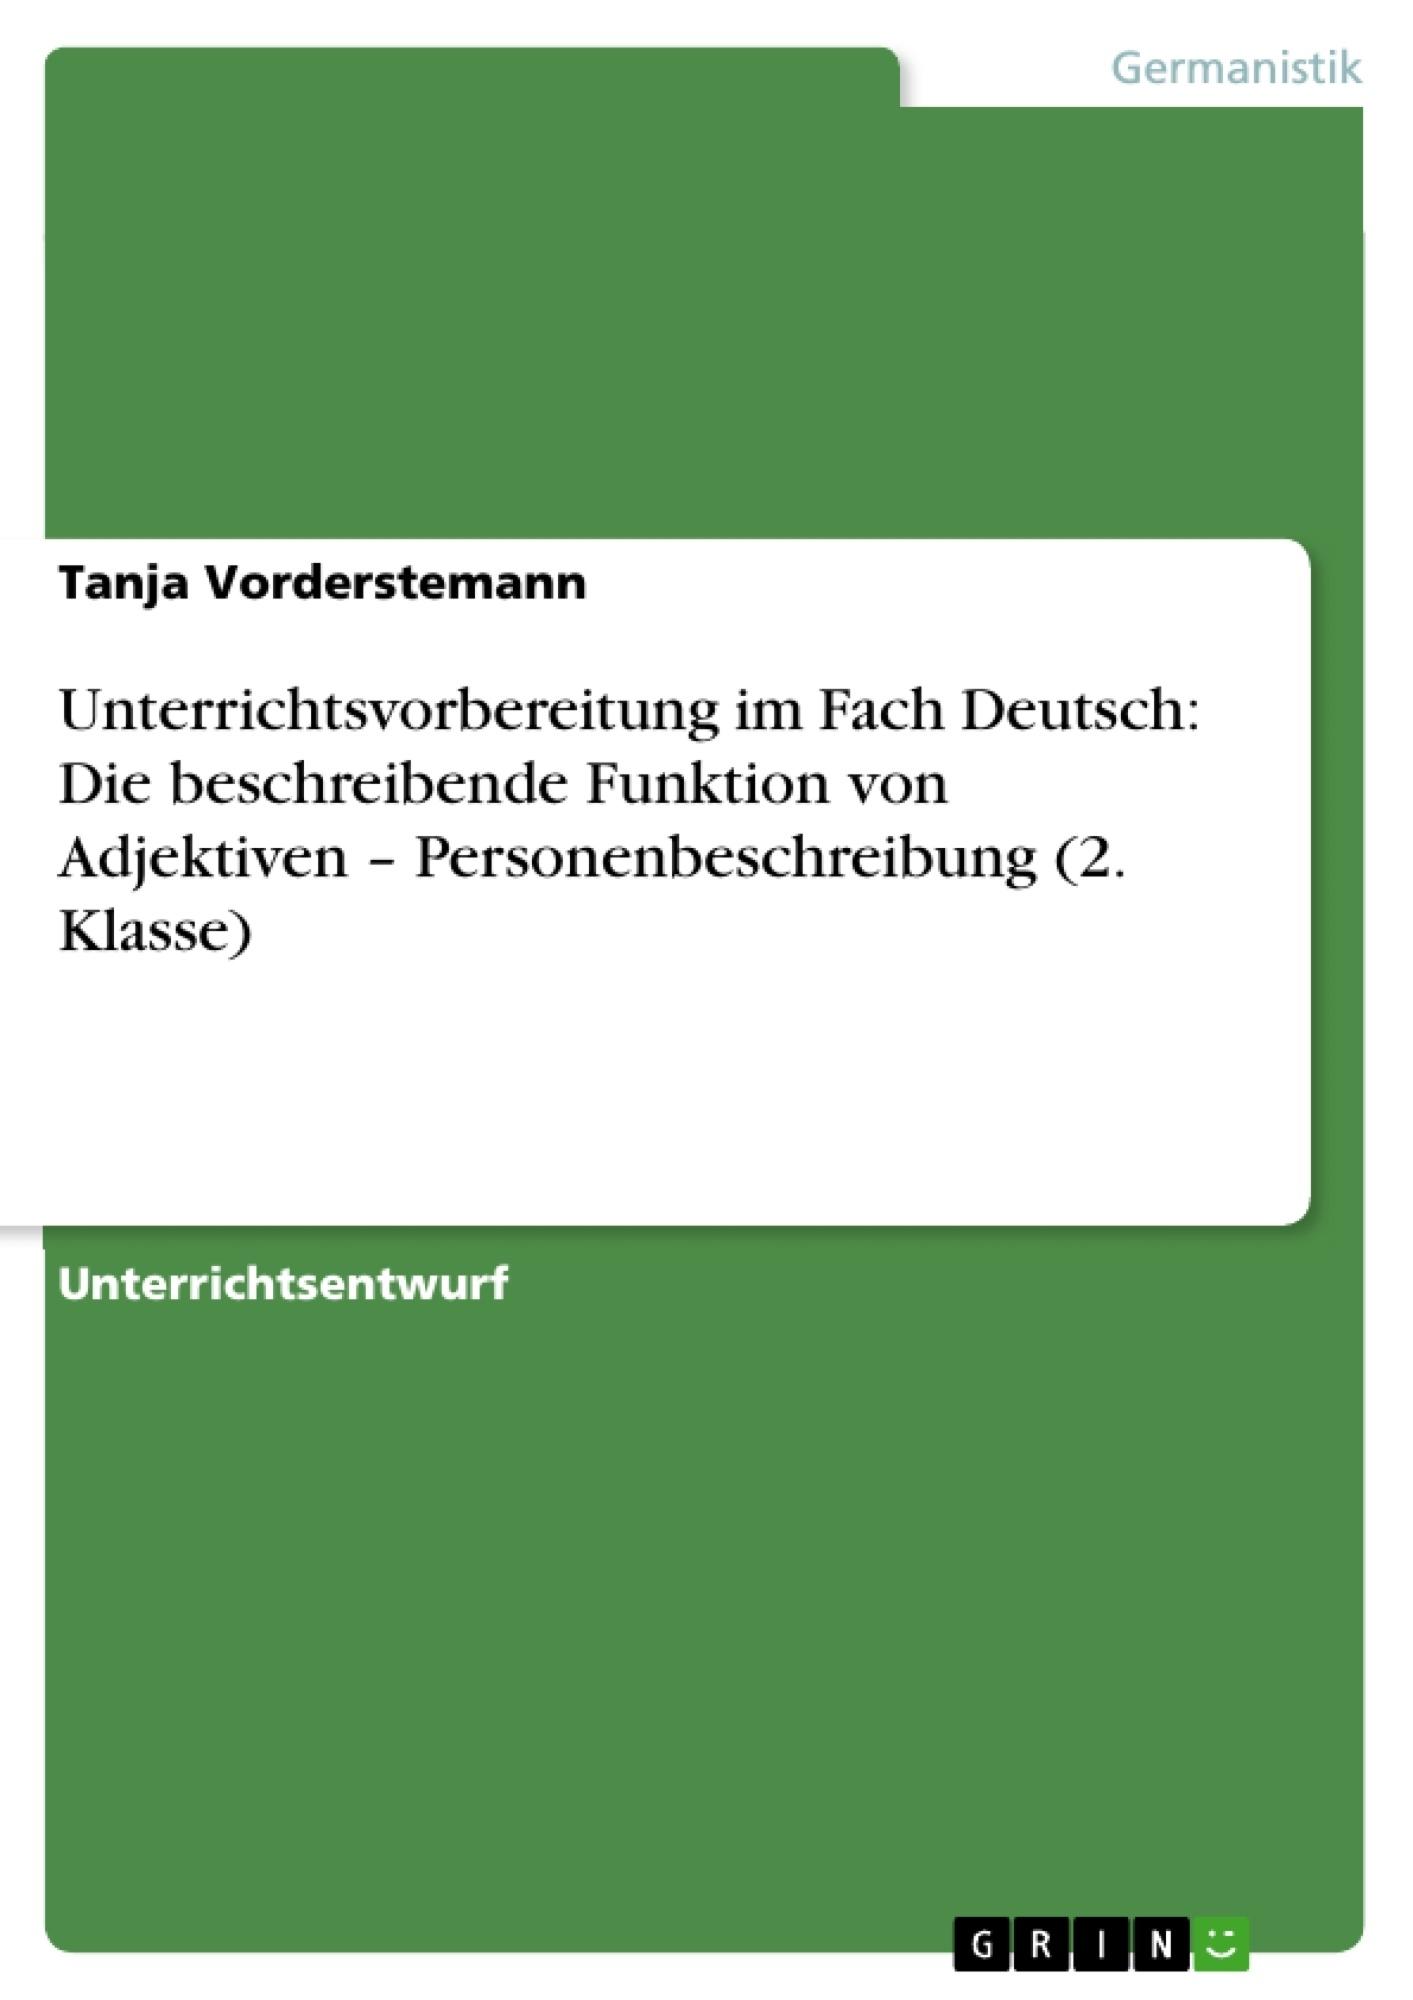 Titel: Unterrichtsvorbereitung im Fach Deutsch: Die beschreibende Funktion von Adjektiven – Personenbeschreibung (2. Klasse)